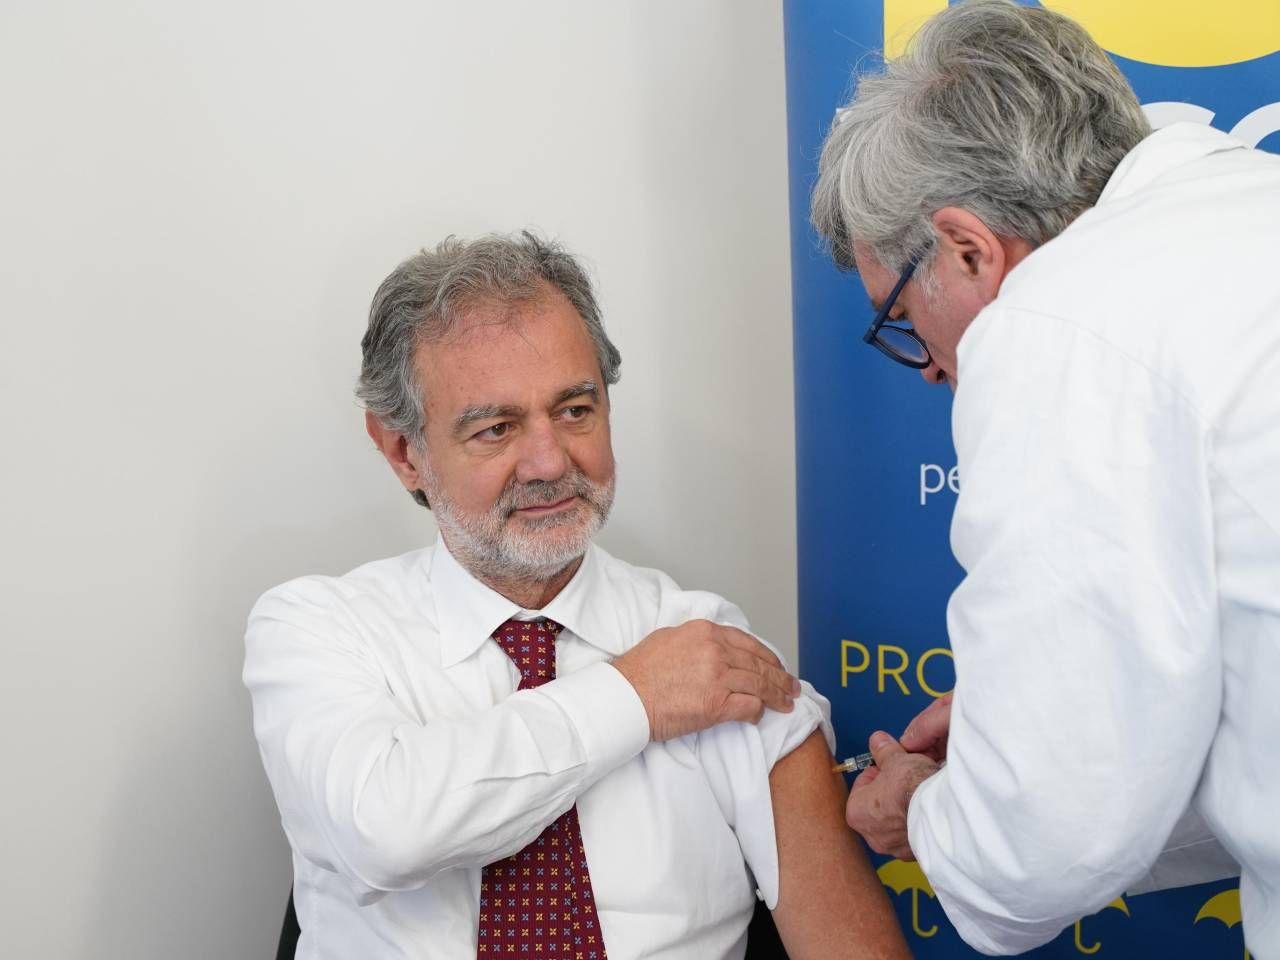 Il direttore generale dell'azienda Usl, Antonio Brambilla che ieri si è sottoposto al vaccino antinfluenzale